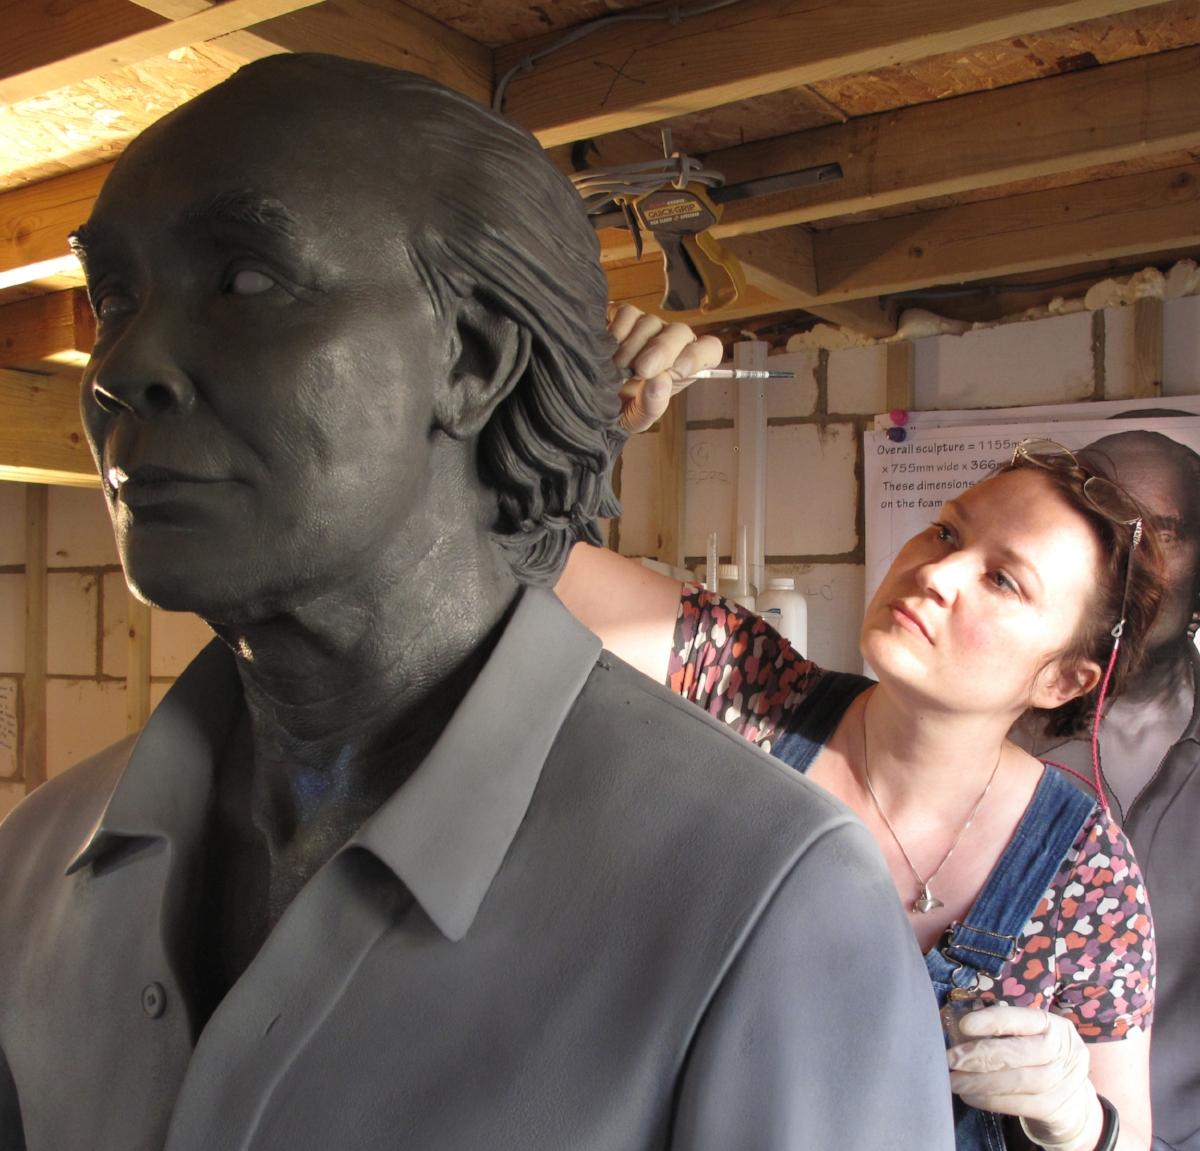 CJ Munn sculpting large memorial